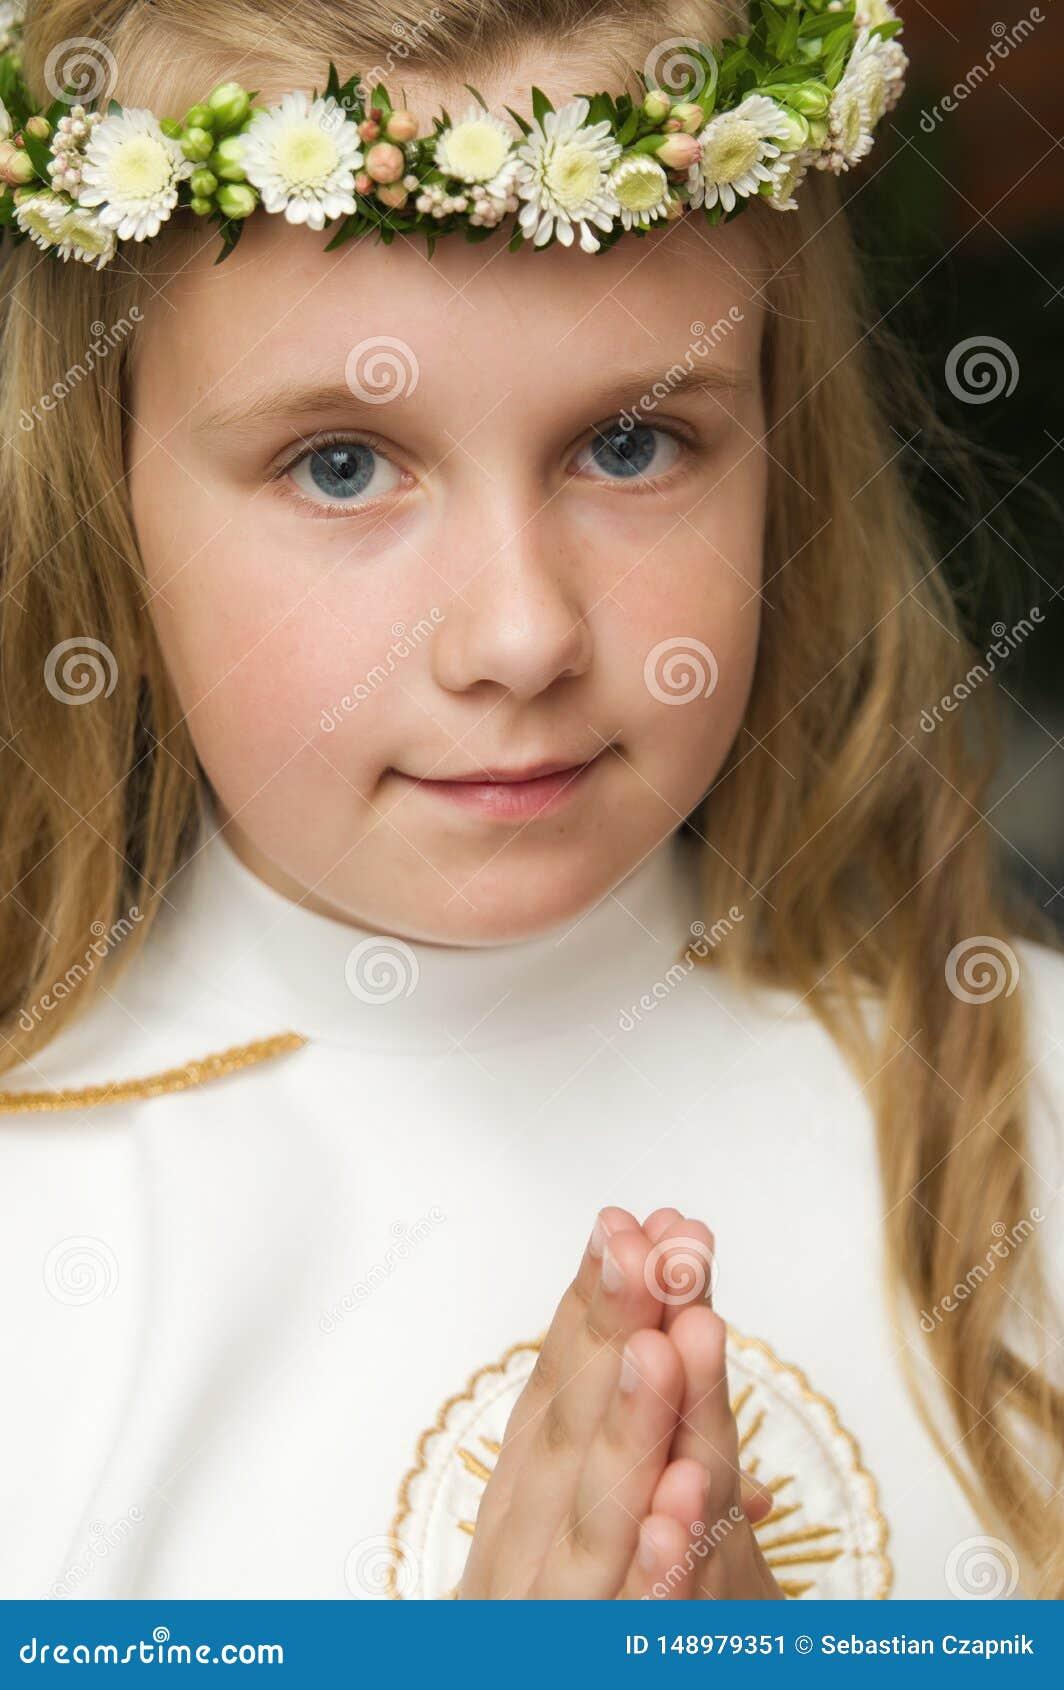 Πορτρέτο ενός κοριτσιού έτοιμου για την πρώτη ιερή κοινωνία